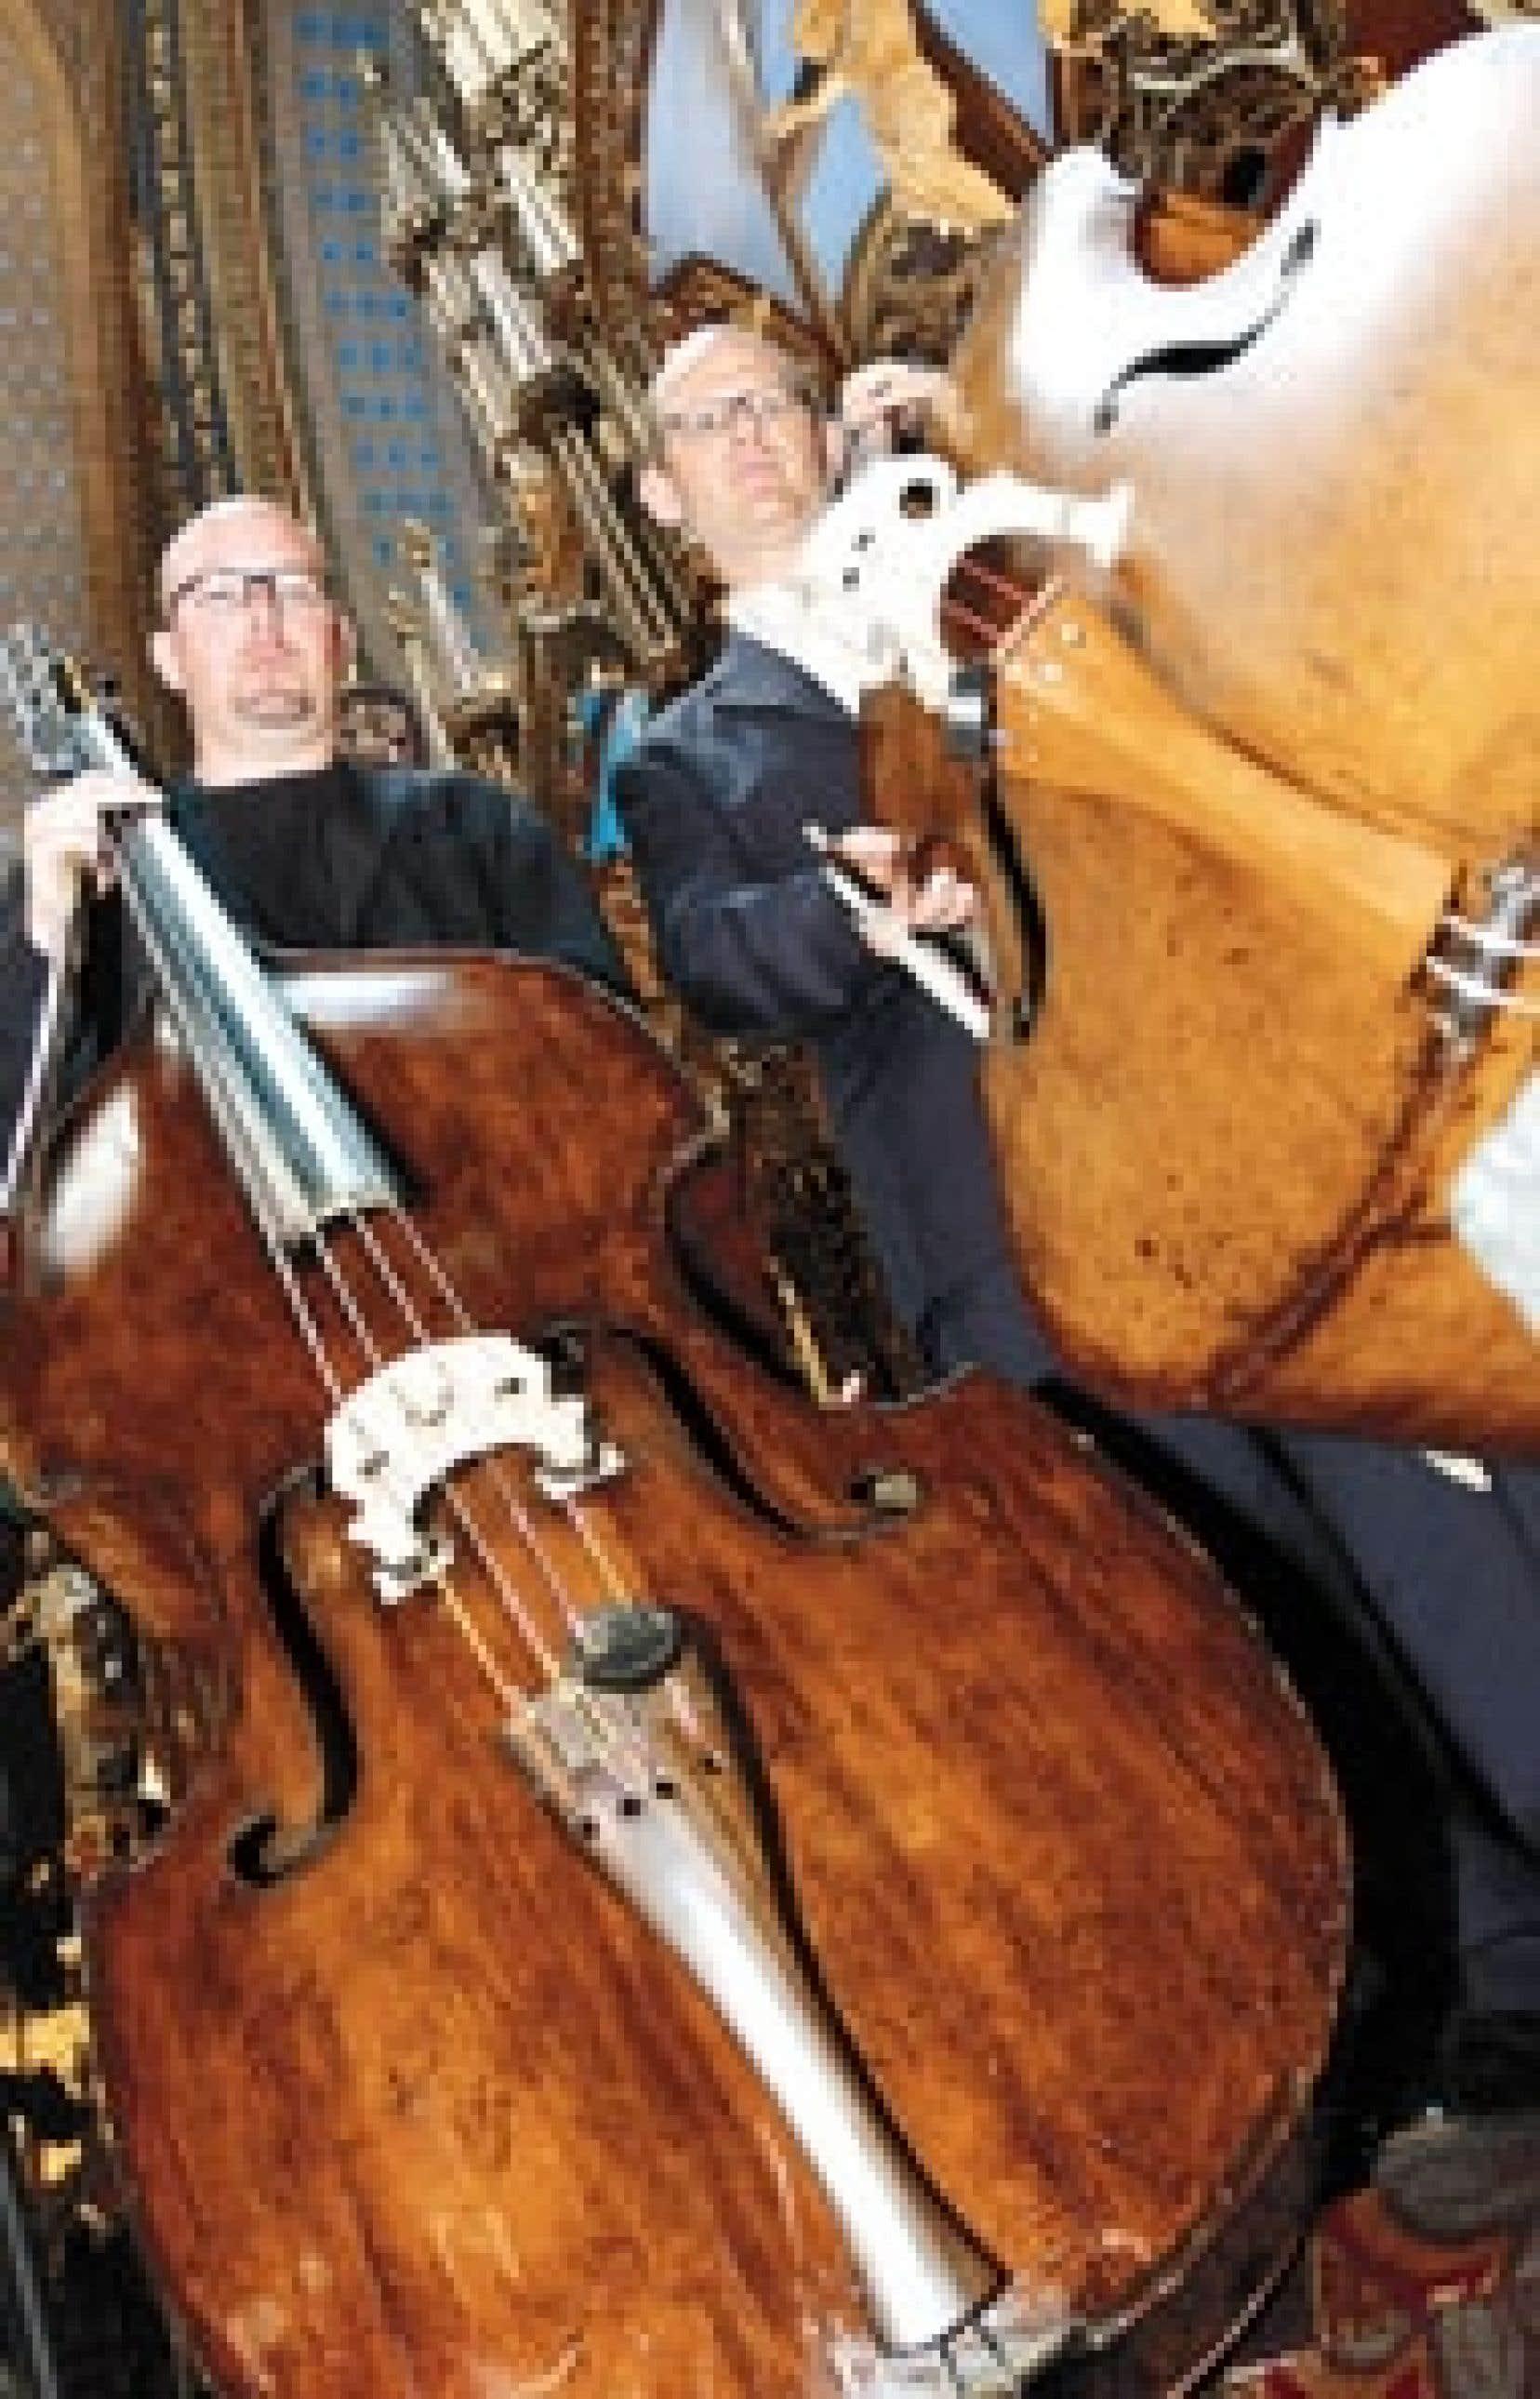 Les musiciens de l'Orchestre symphonique de Montréal, dont font partie Edouard Wingell et Scott Feitham, ont entrepris hier des moyens de pression contre l'administration de l'orchestre dans le cadre des négociations visant le renouvellement de l